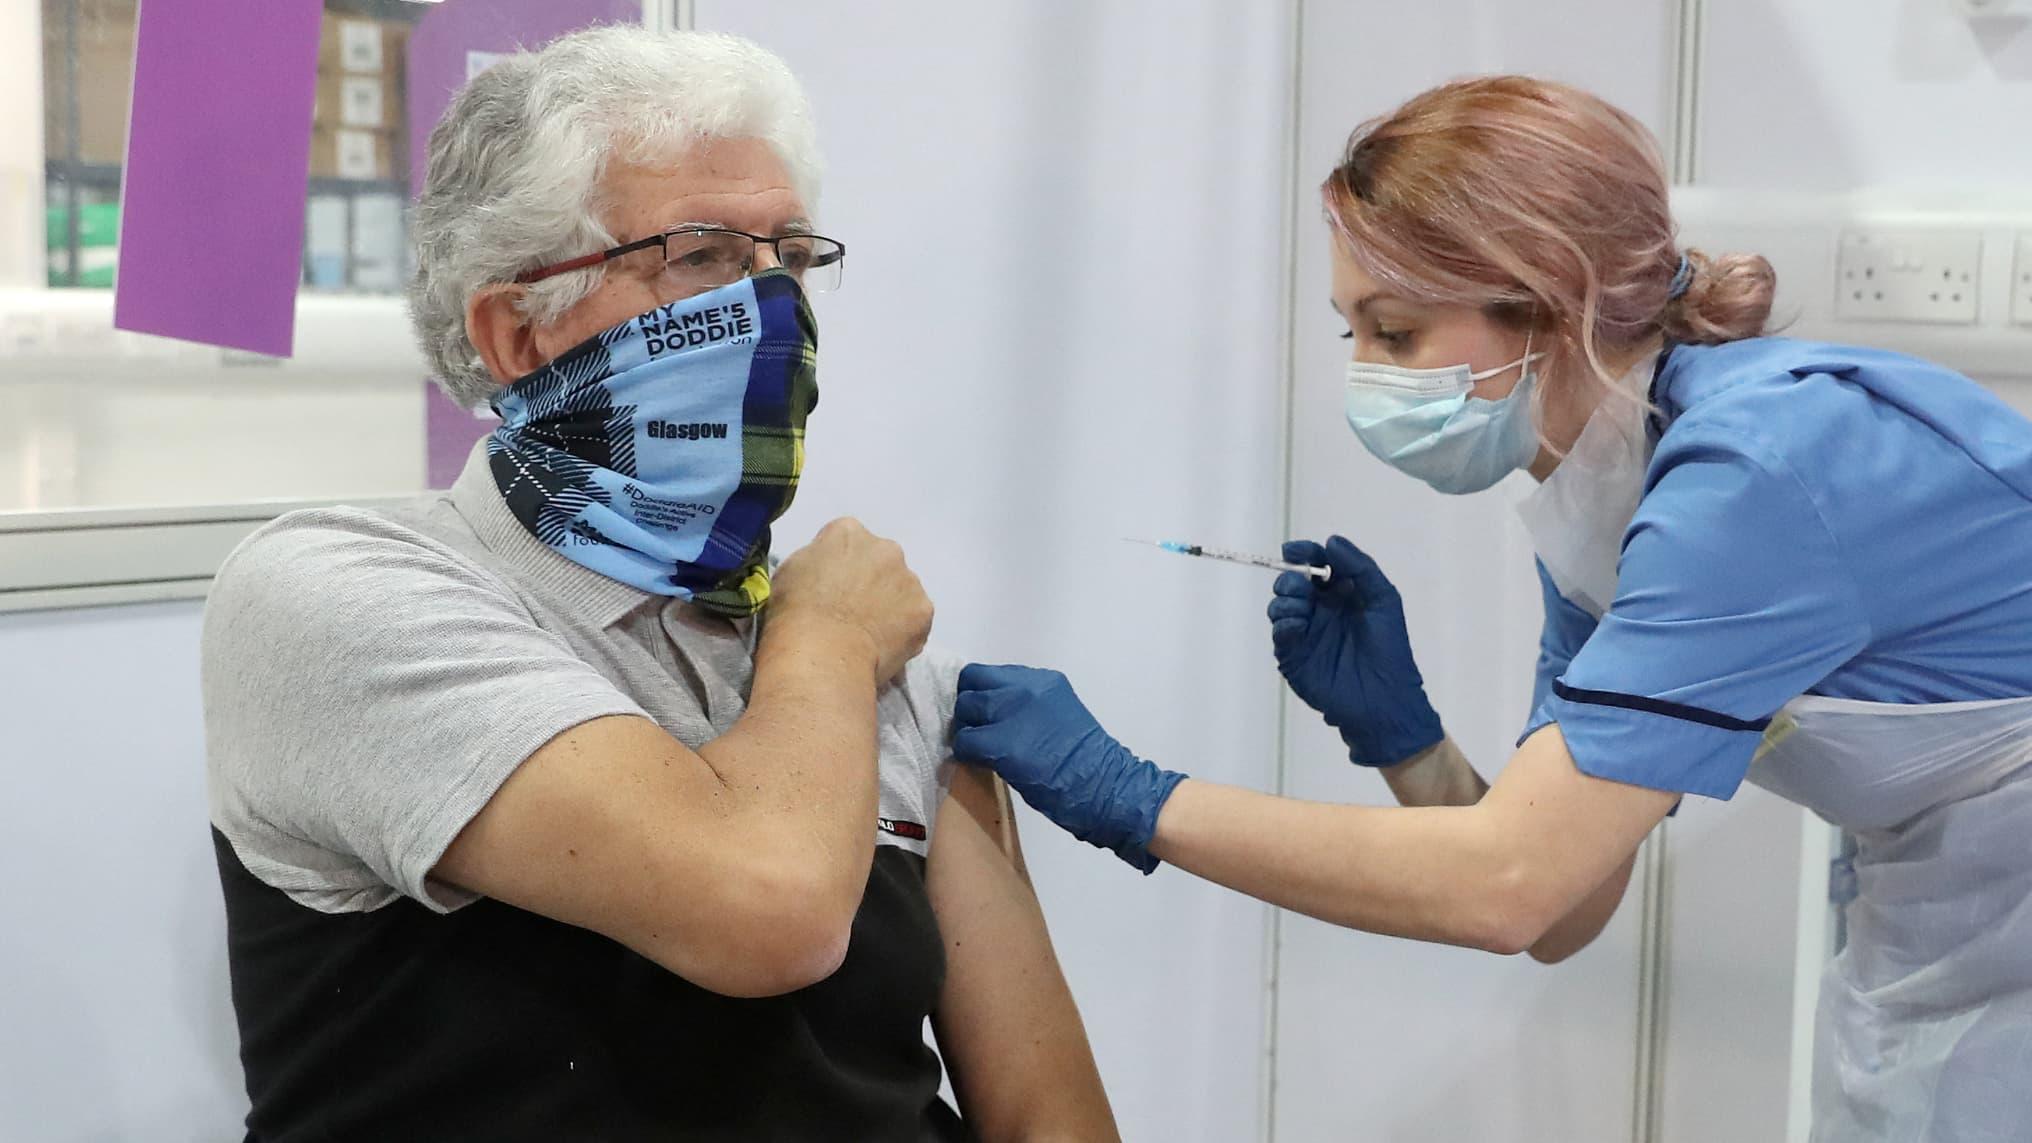 Covid-19: le vaccin de Janssen pourrait arriver en France en mai - BFMTV